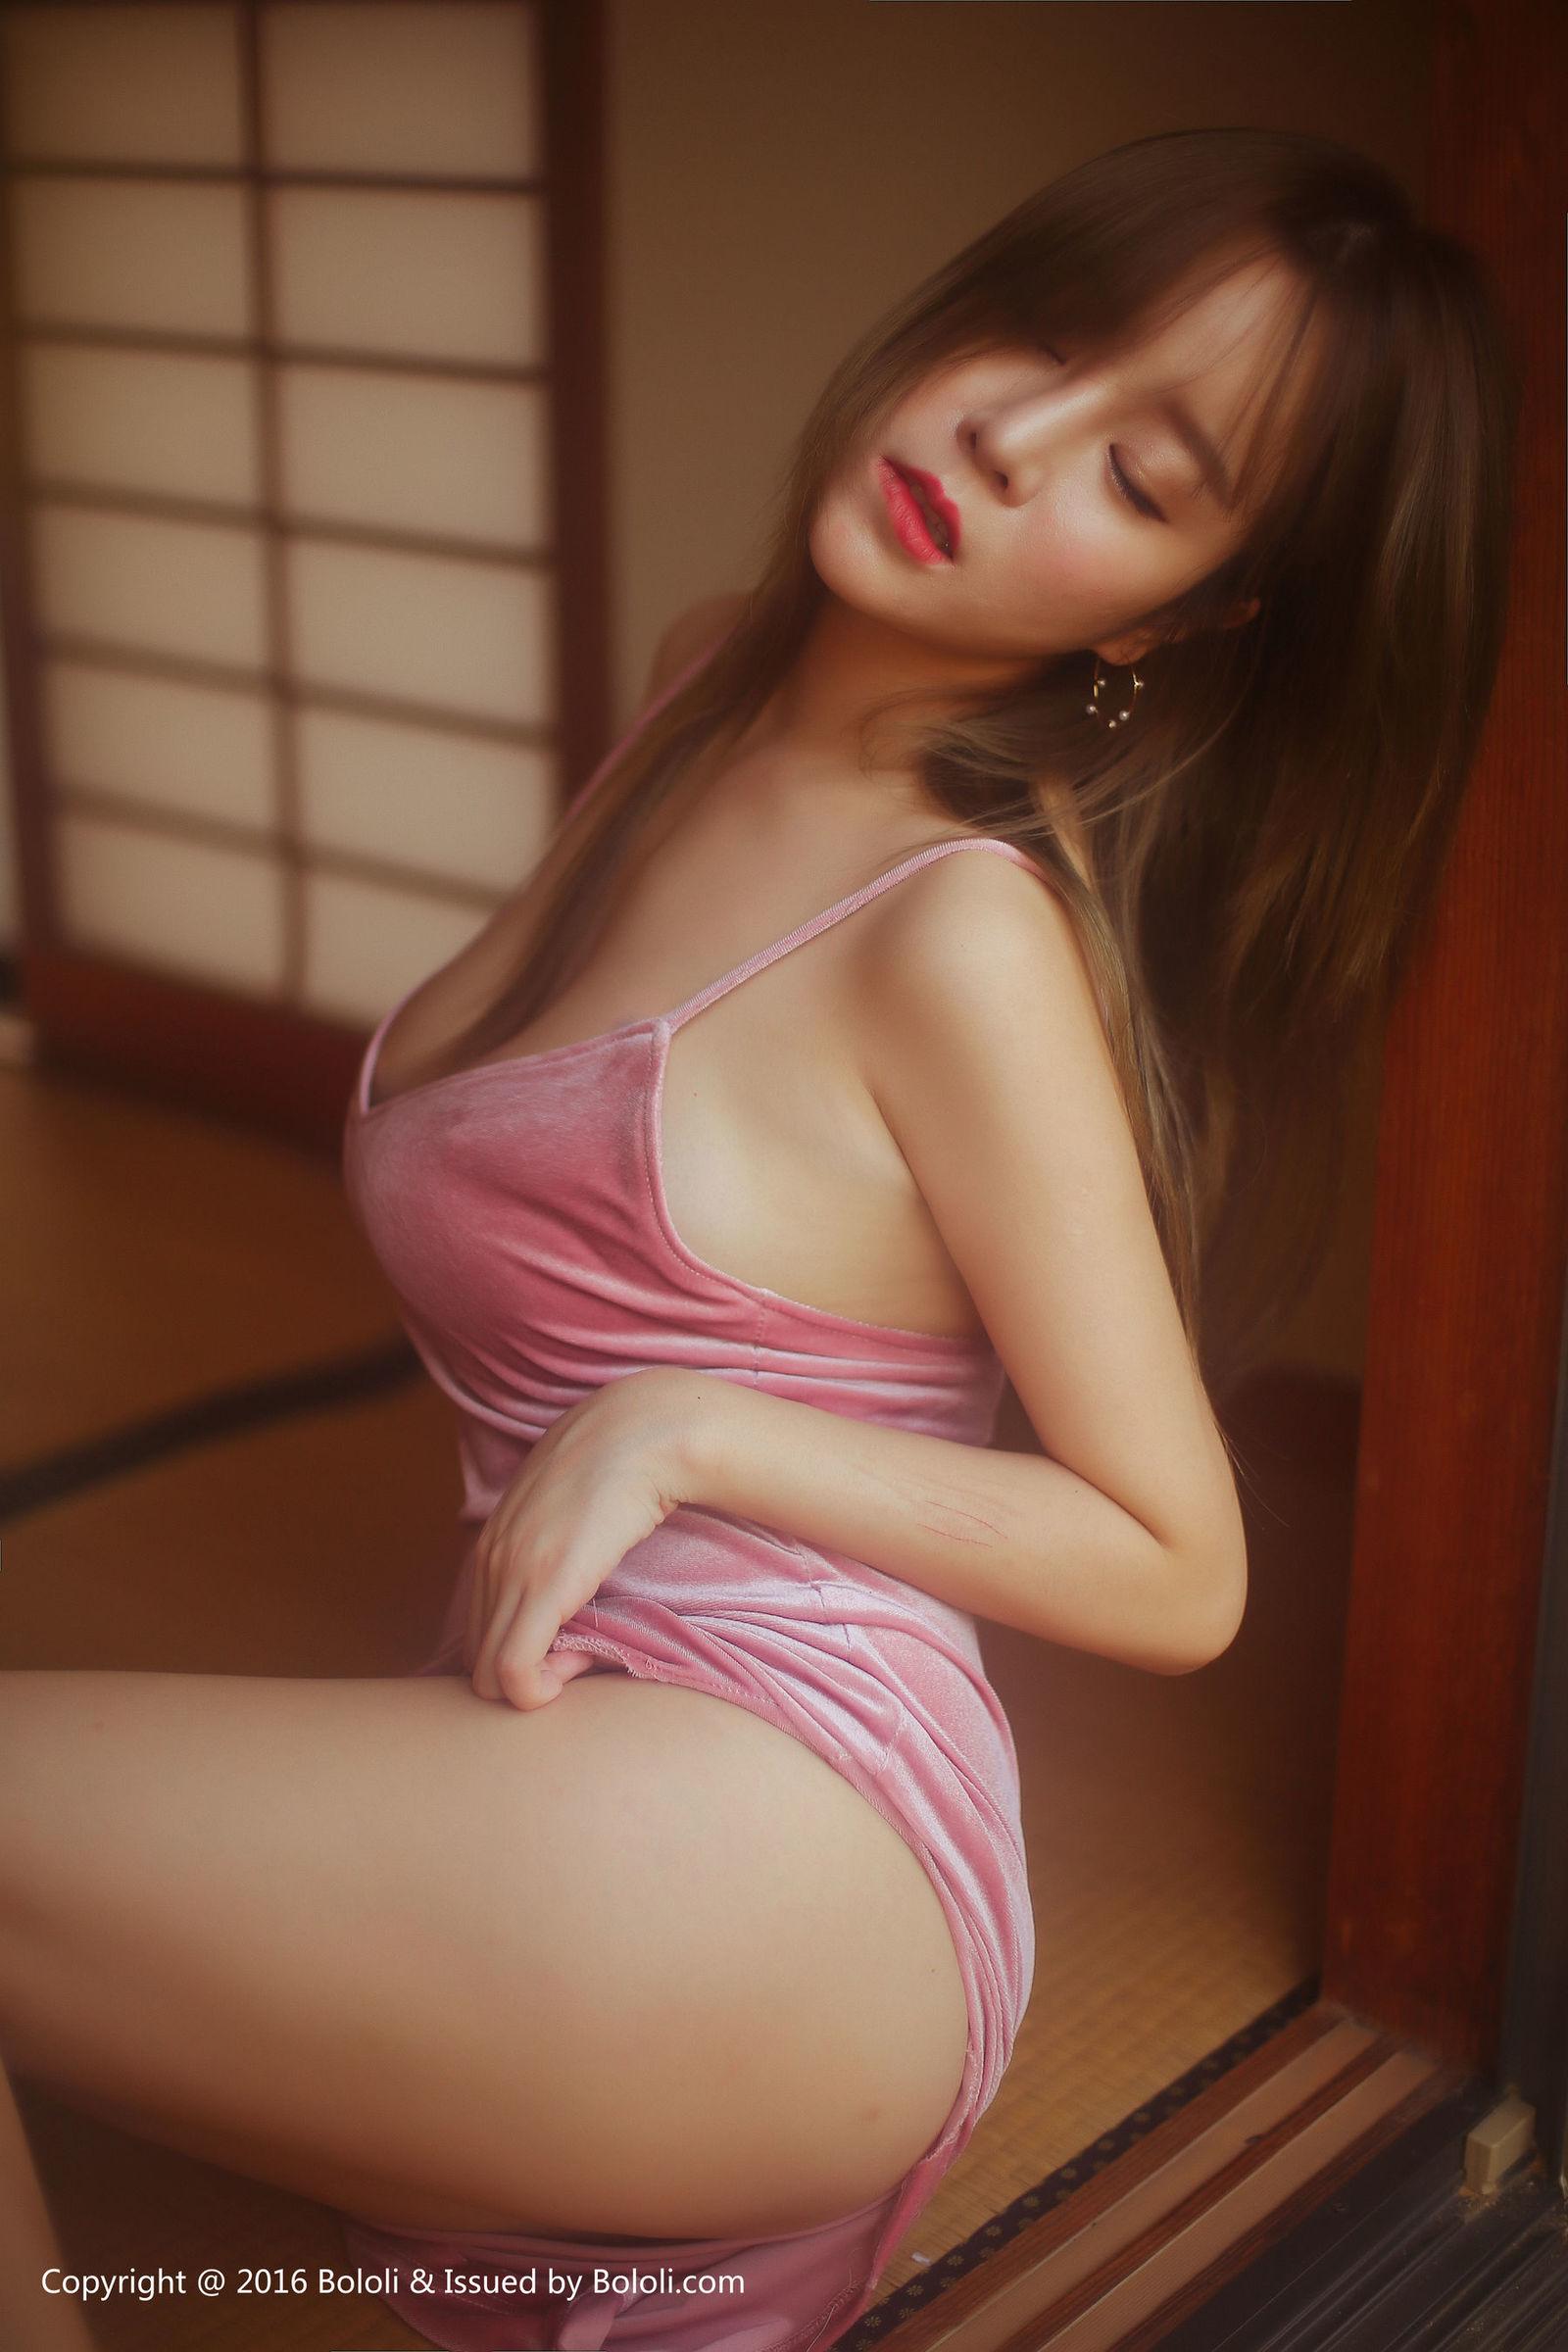 [Bololi波萝社] 王雨纯 野外露出 写真套图